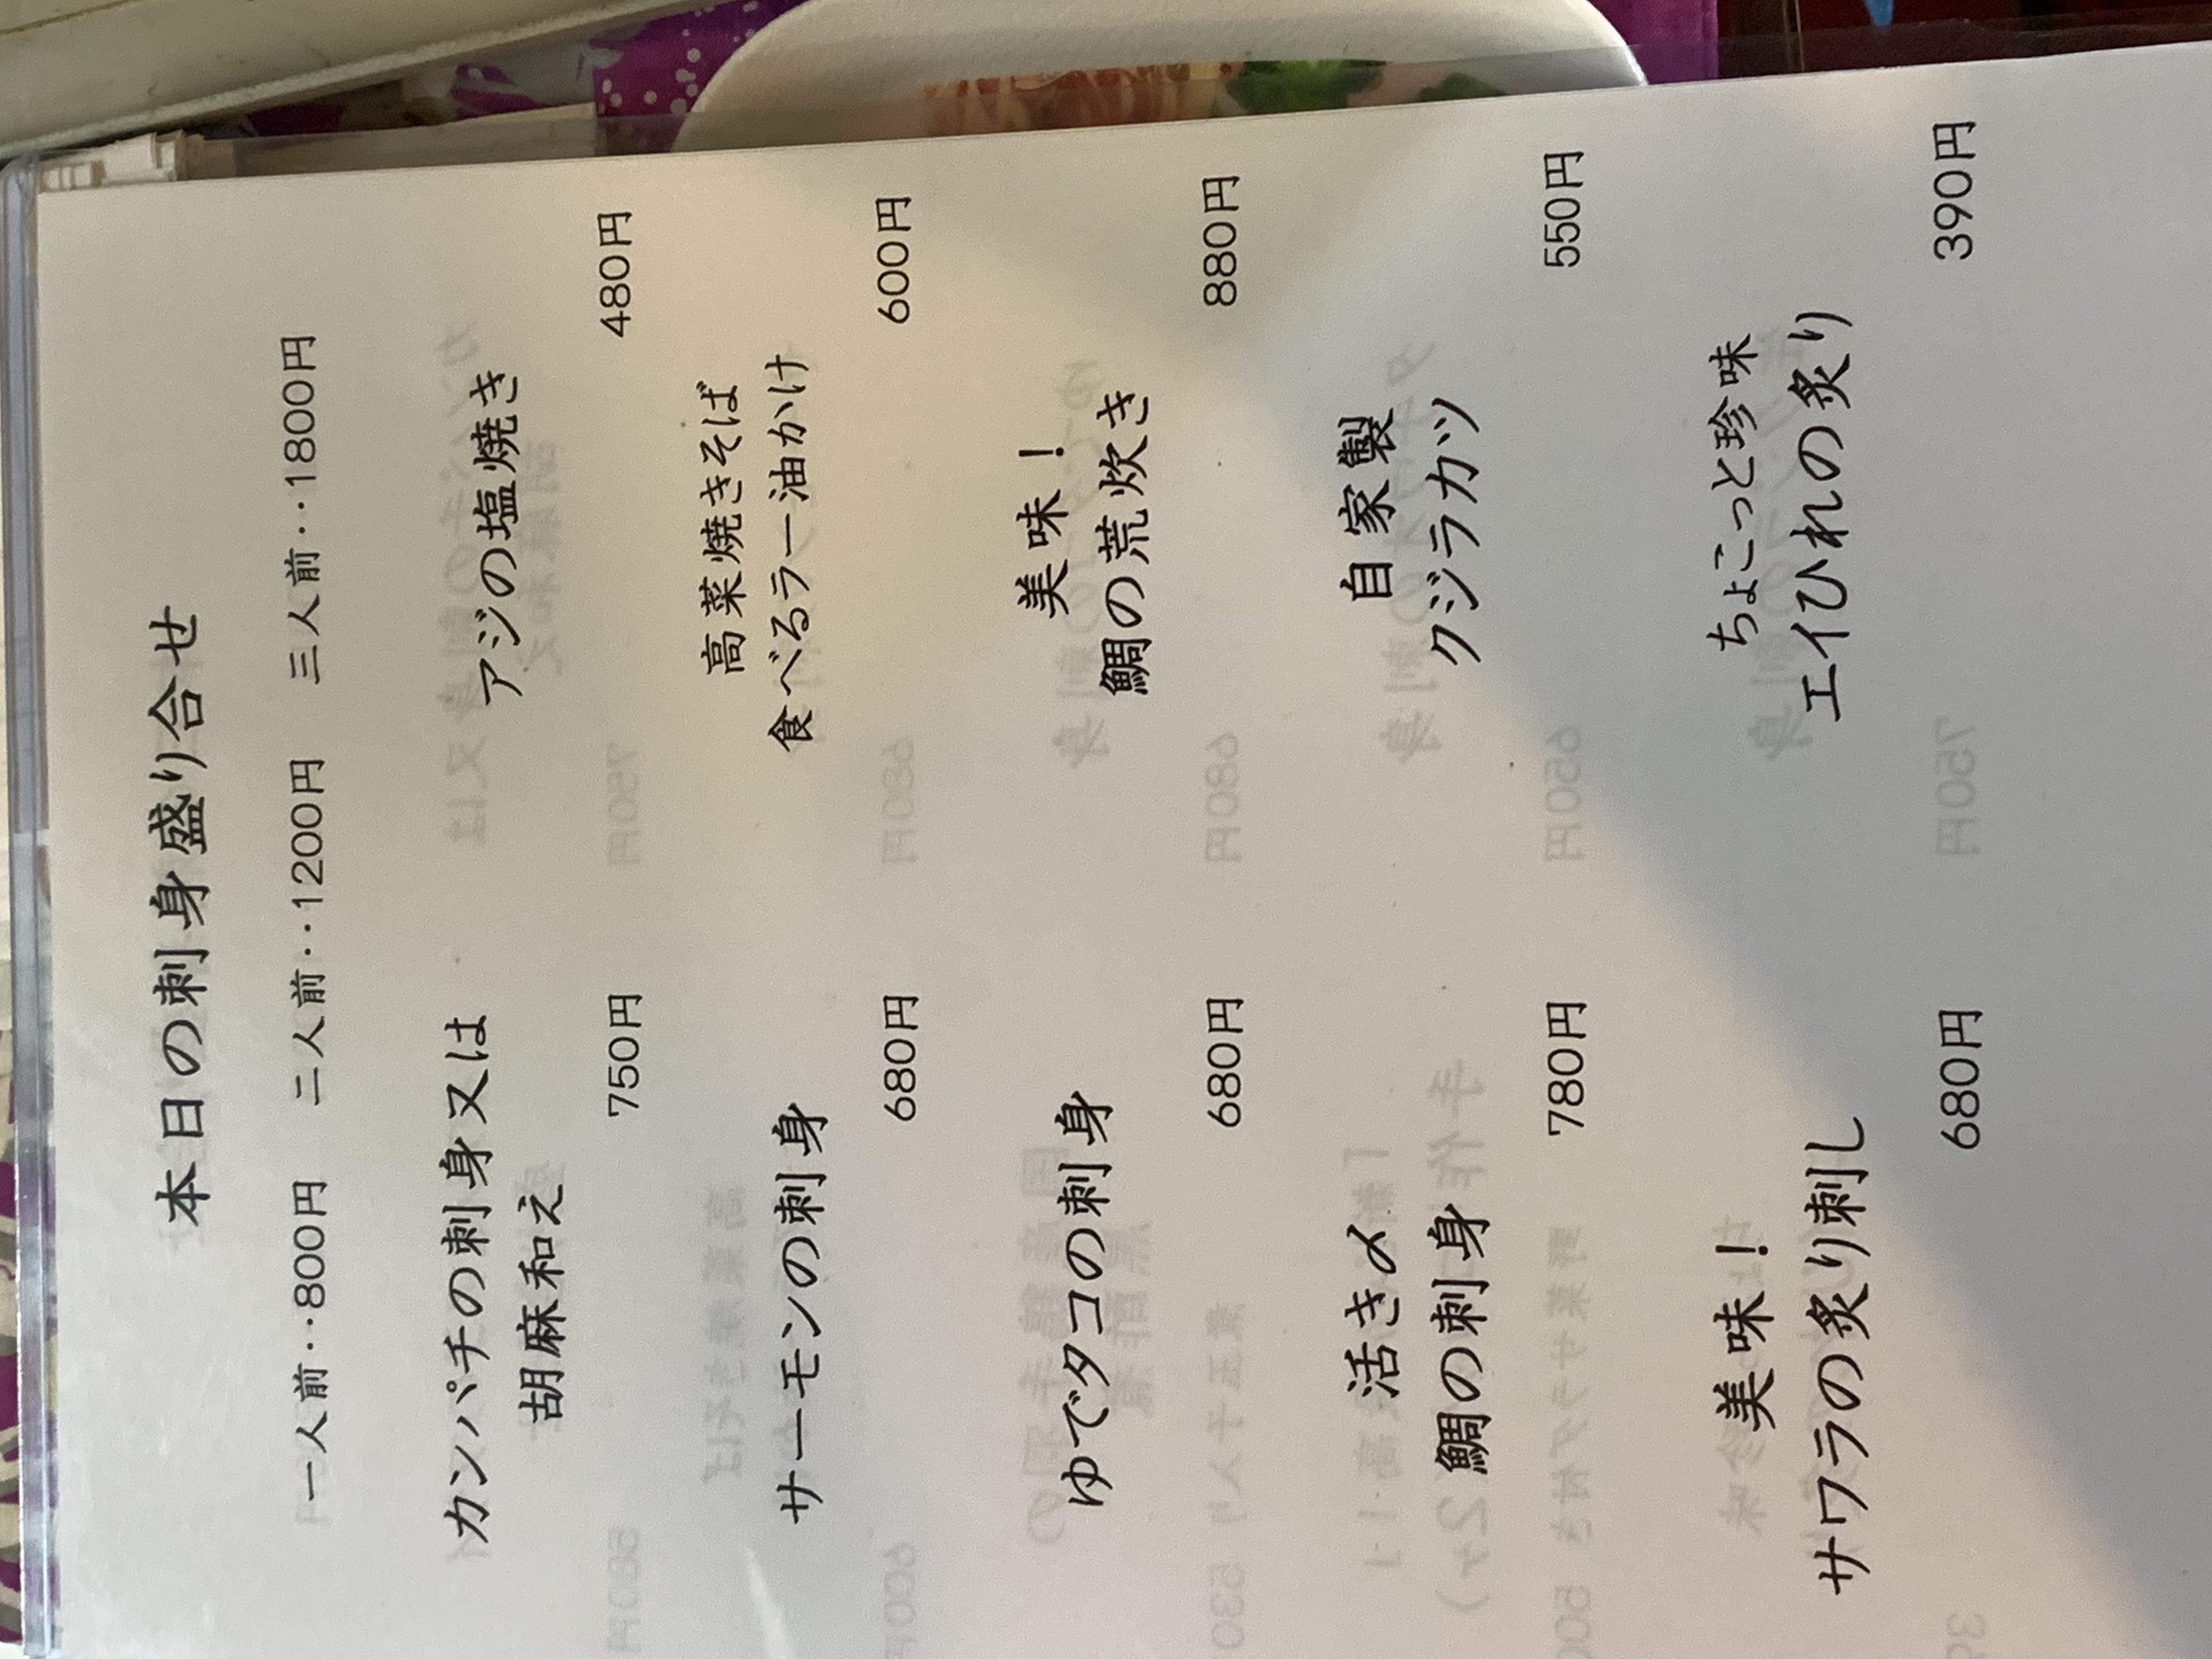 4C128B38-CAB0-431E-B88D-1B4DCC7C1CD9